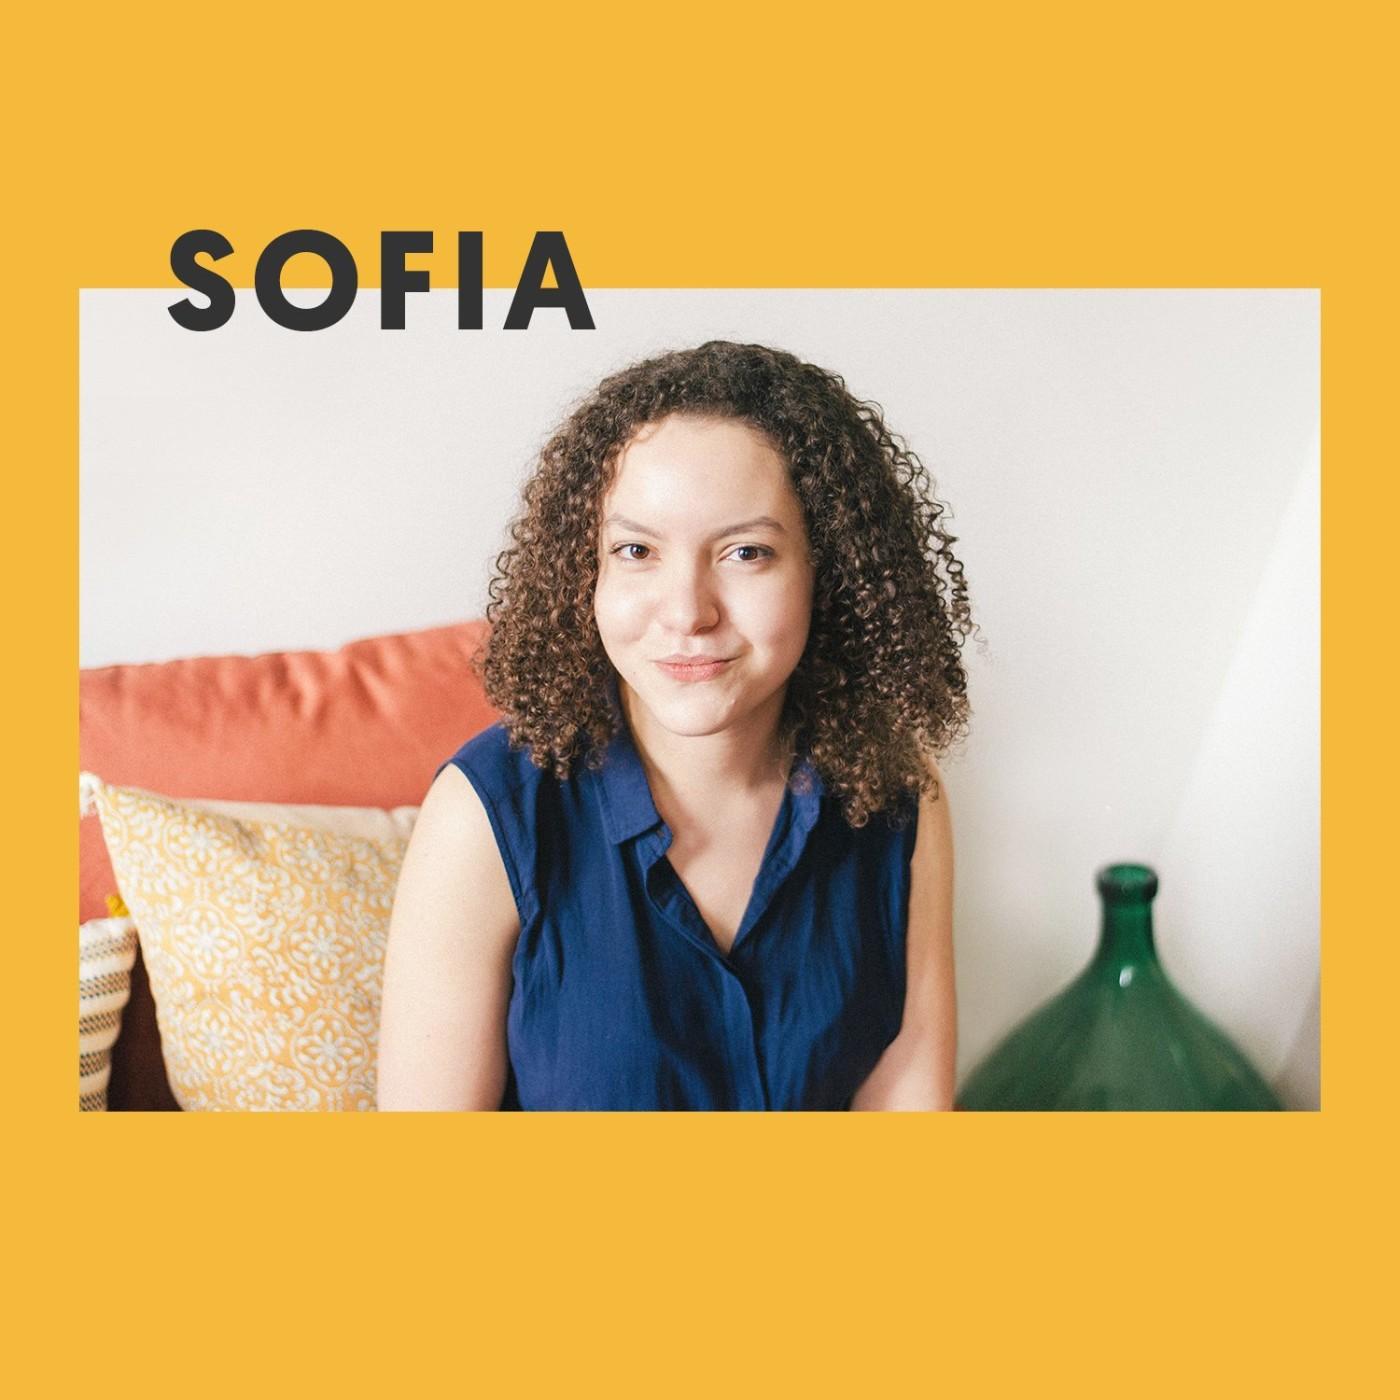 29 • Sofia